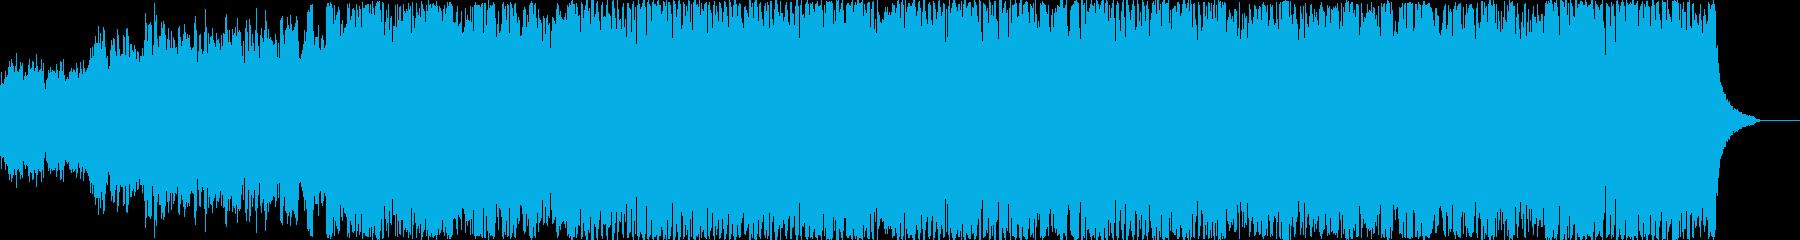 疾走感のあるピアノとリズムで軽快な登場にの再生済みの波形